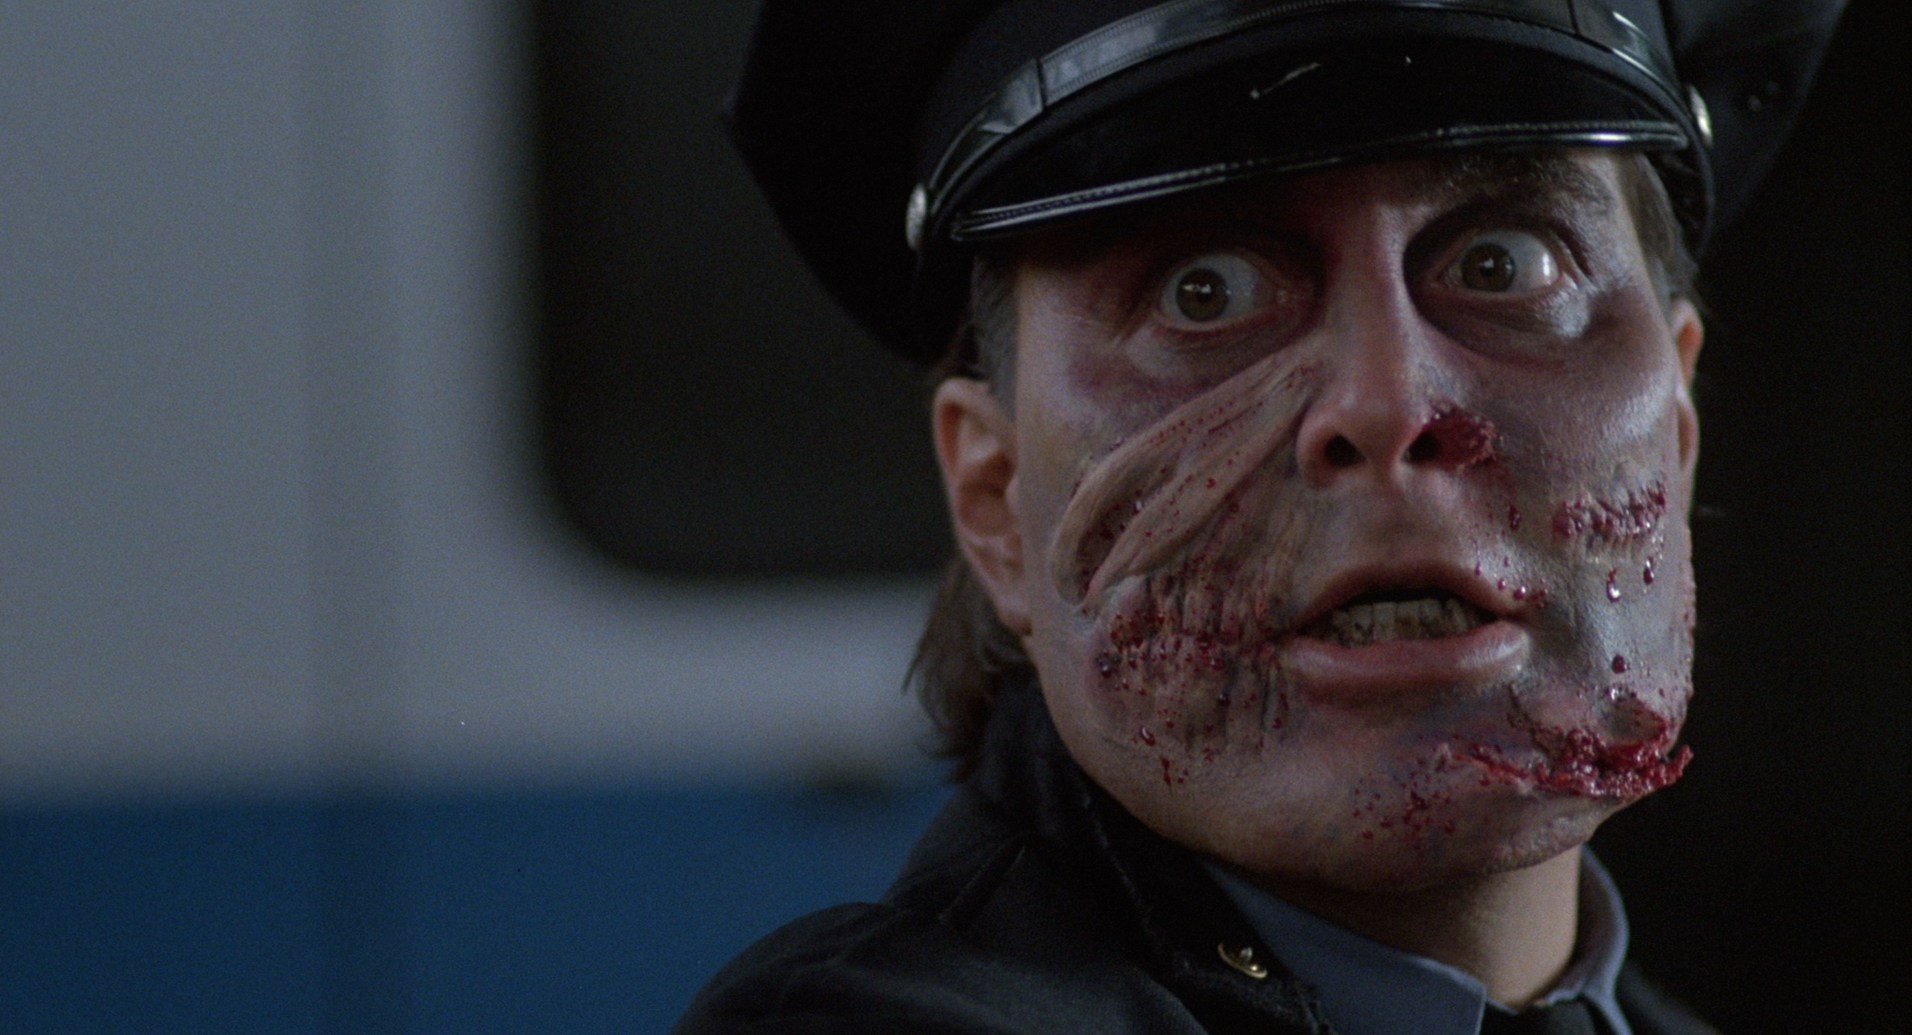 maniac-cop-remake-director